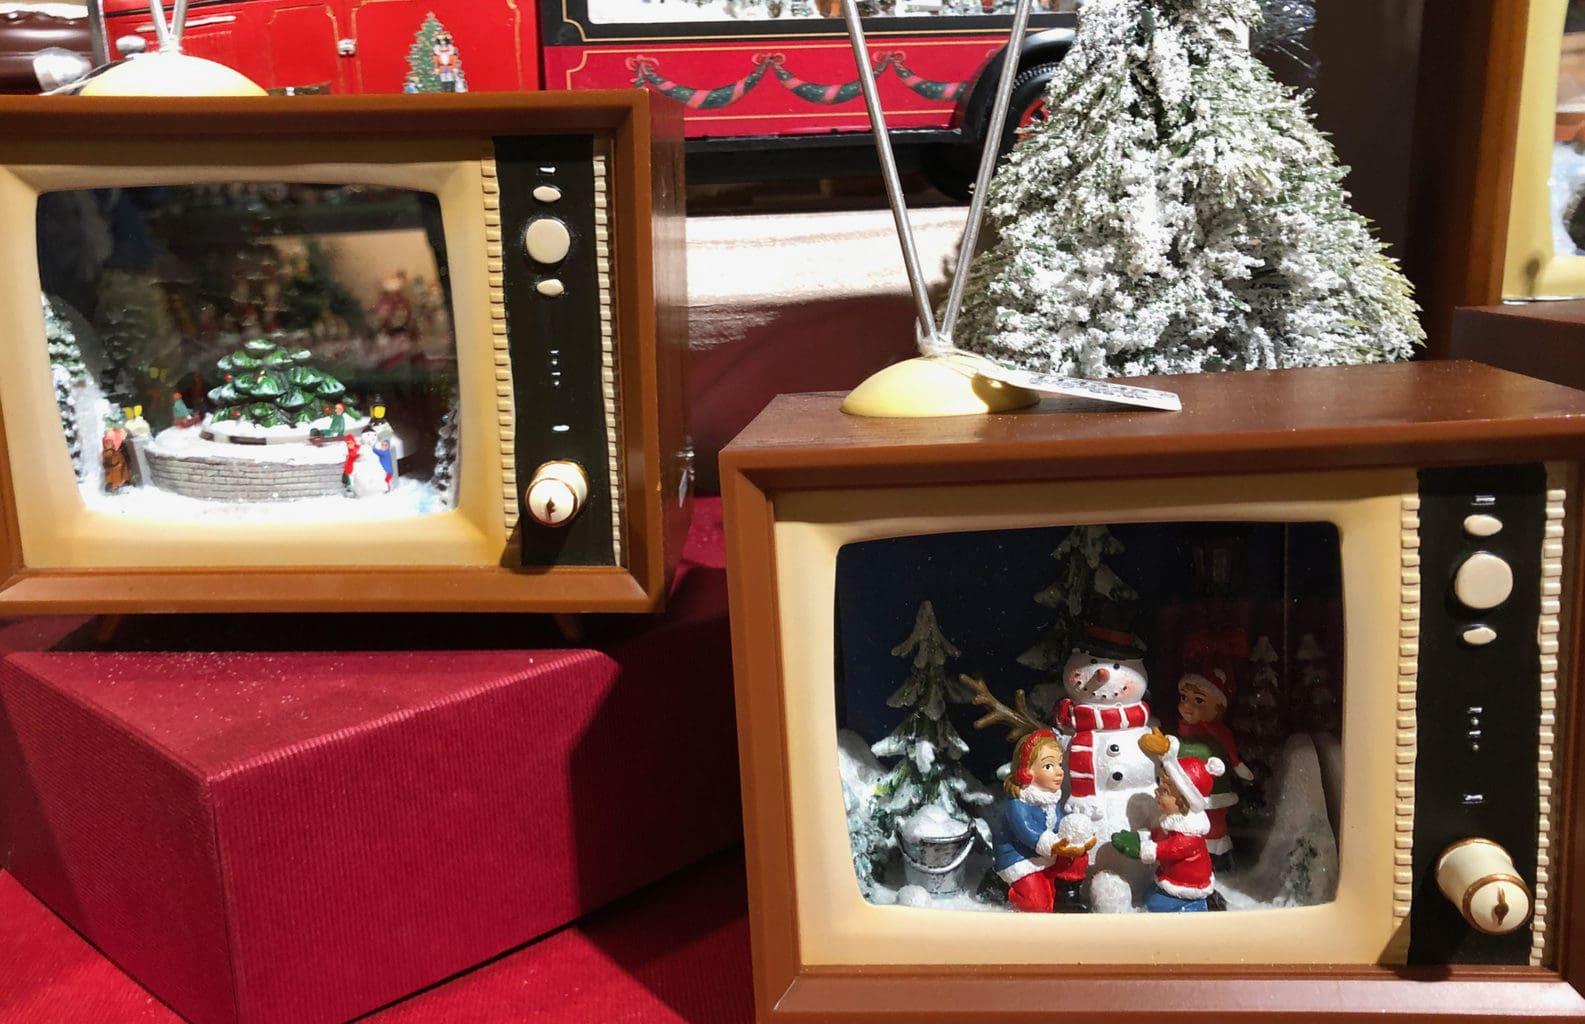 Het kerstmuseum Käthe Wohlfahrt behoort tot de achte hoogtepunten in Rothenburg ob der Tauber